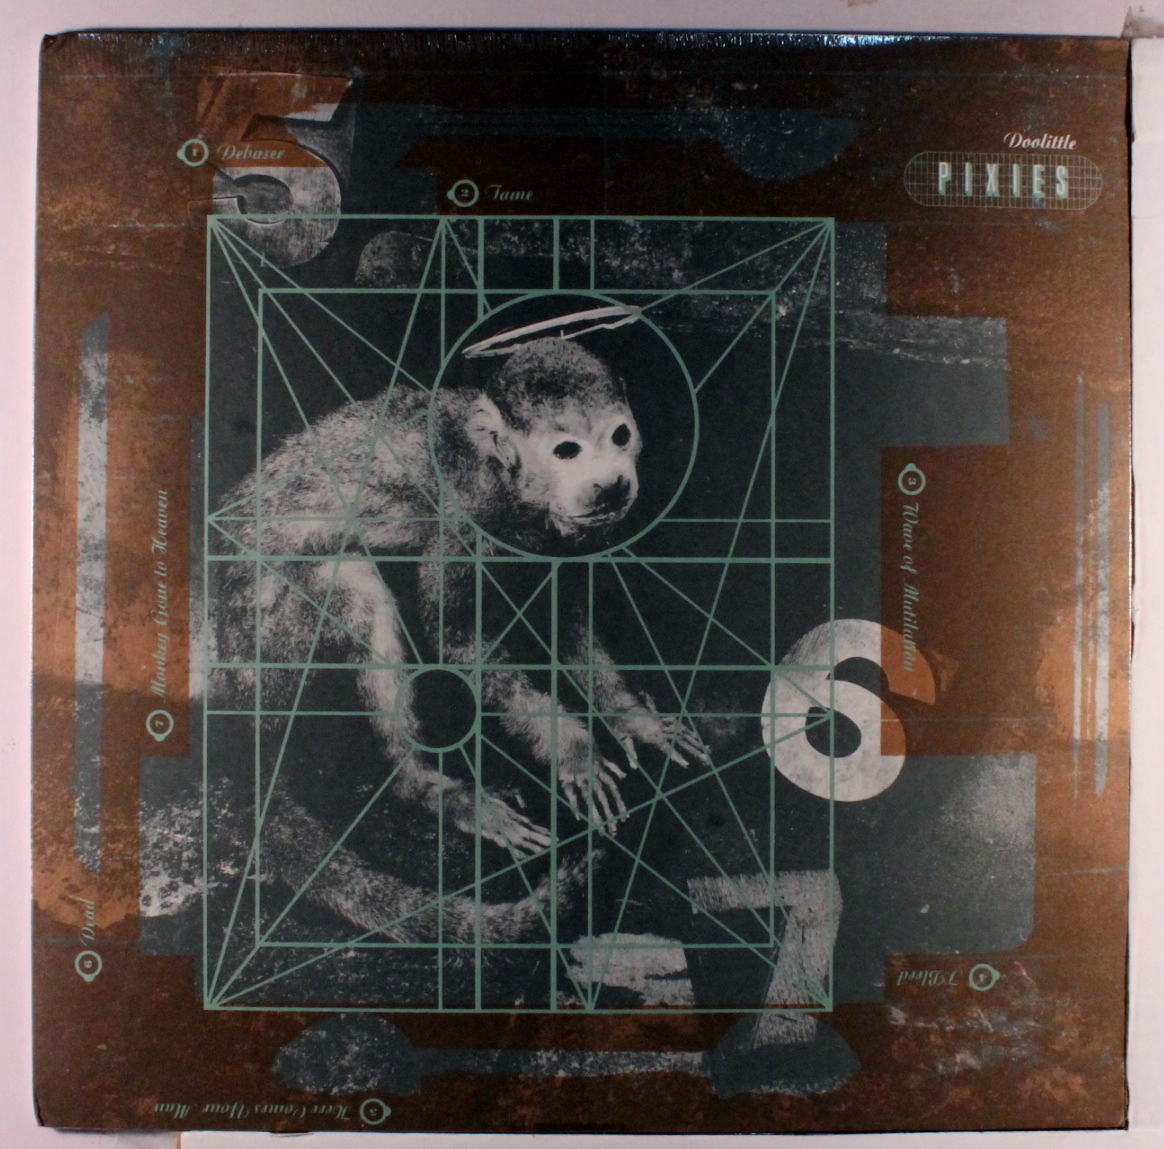 """A 25 años de """"Doolittle"""": Pixies lanza una edición para ..."""